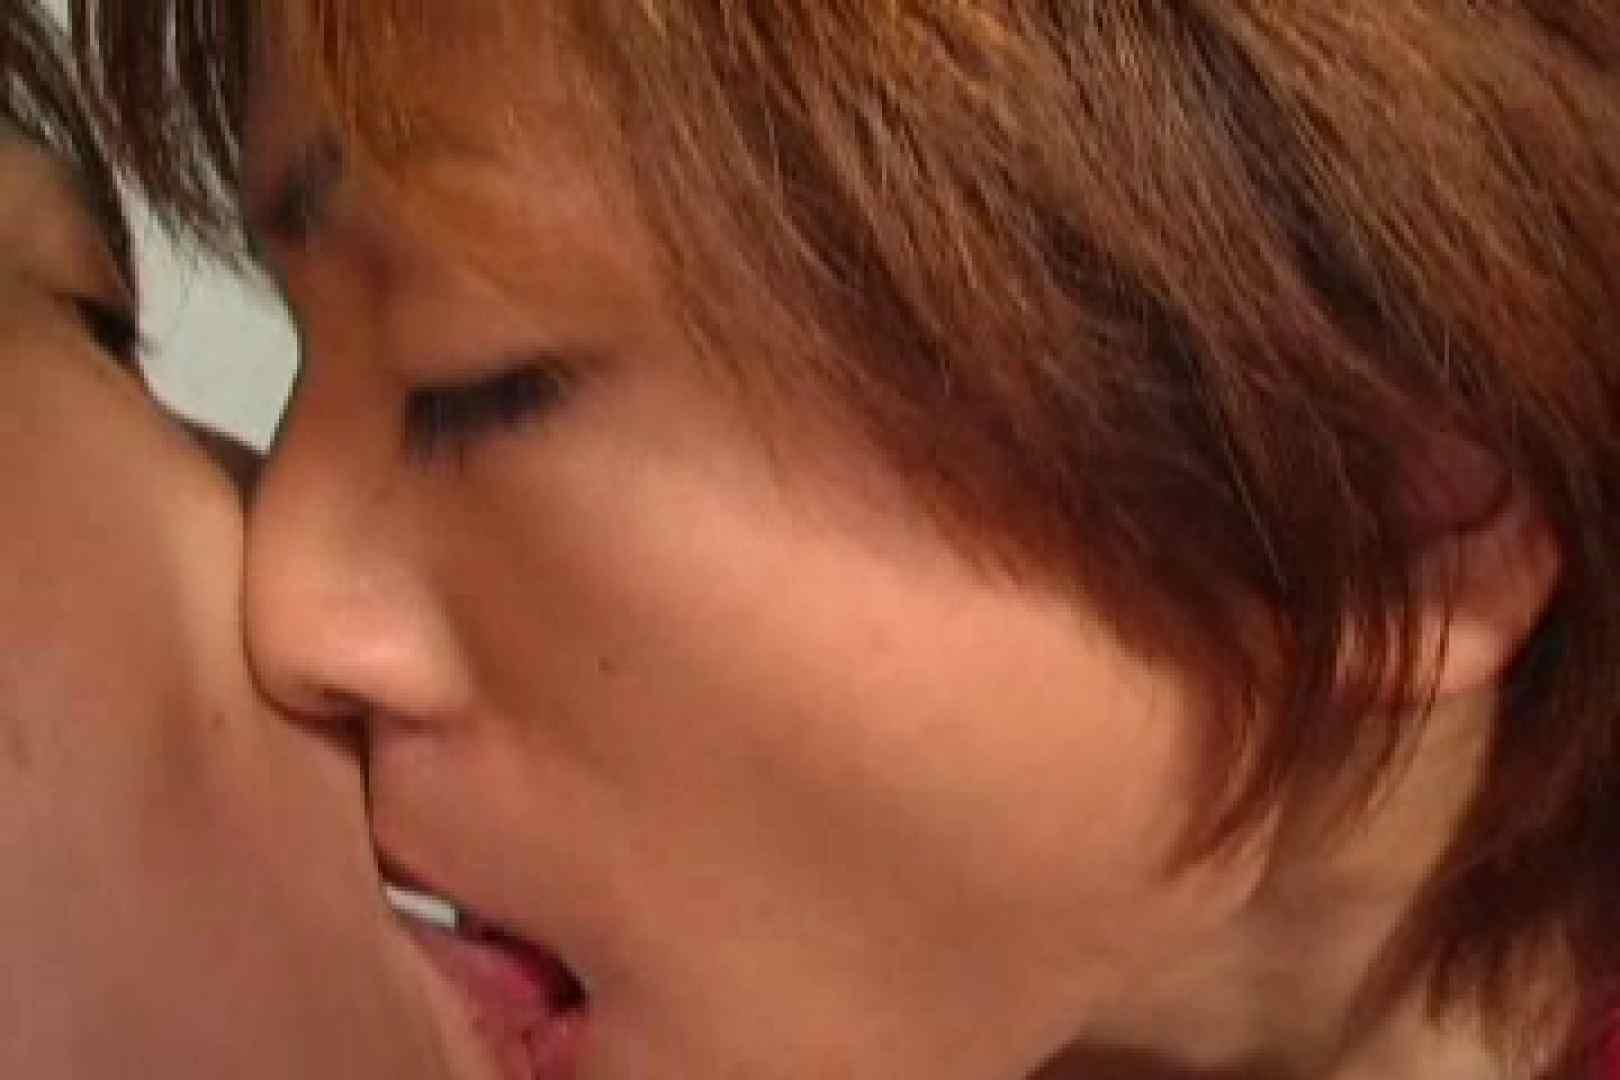 美しいmensは「トロマン」が大好き!!vol.05 スリム美少年系ジャニ系 ゲイ無修正動画画像 50連発 20